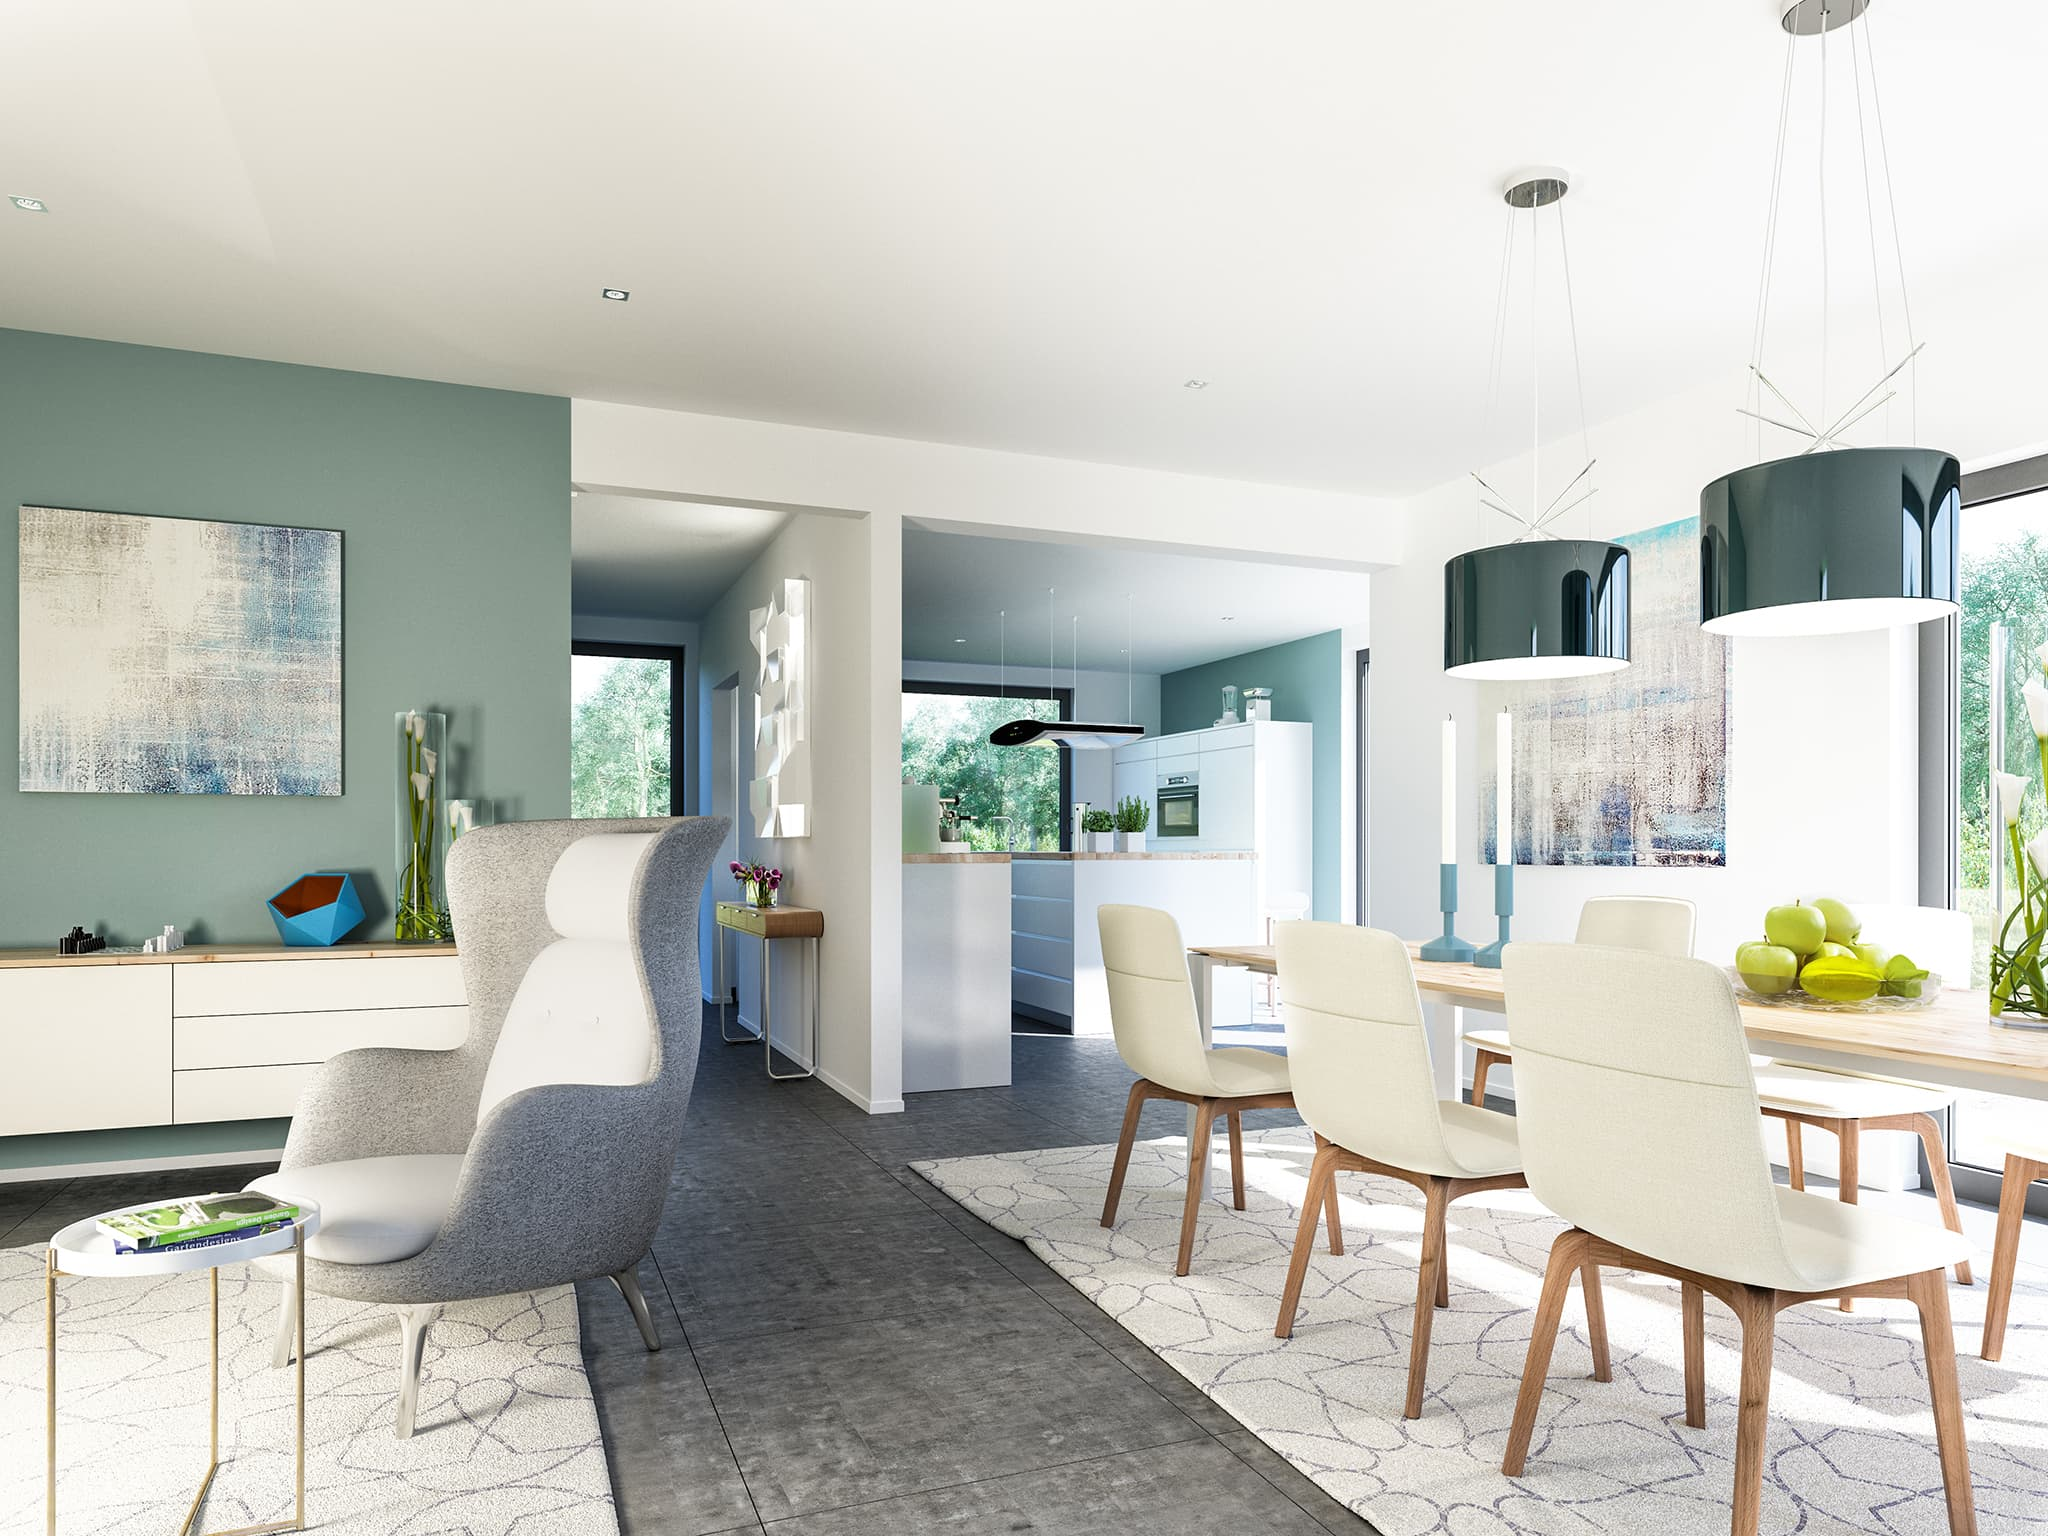 Wohn-Esszimmer - Ideen Einrichtung innen Bien Zenker Haus FANTASTIC 163 V6 - HausbauDirekt.de